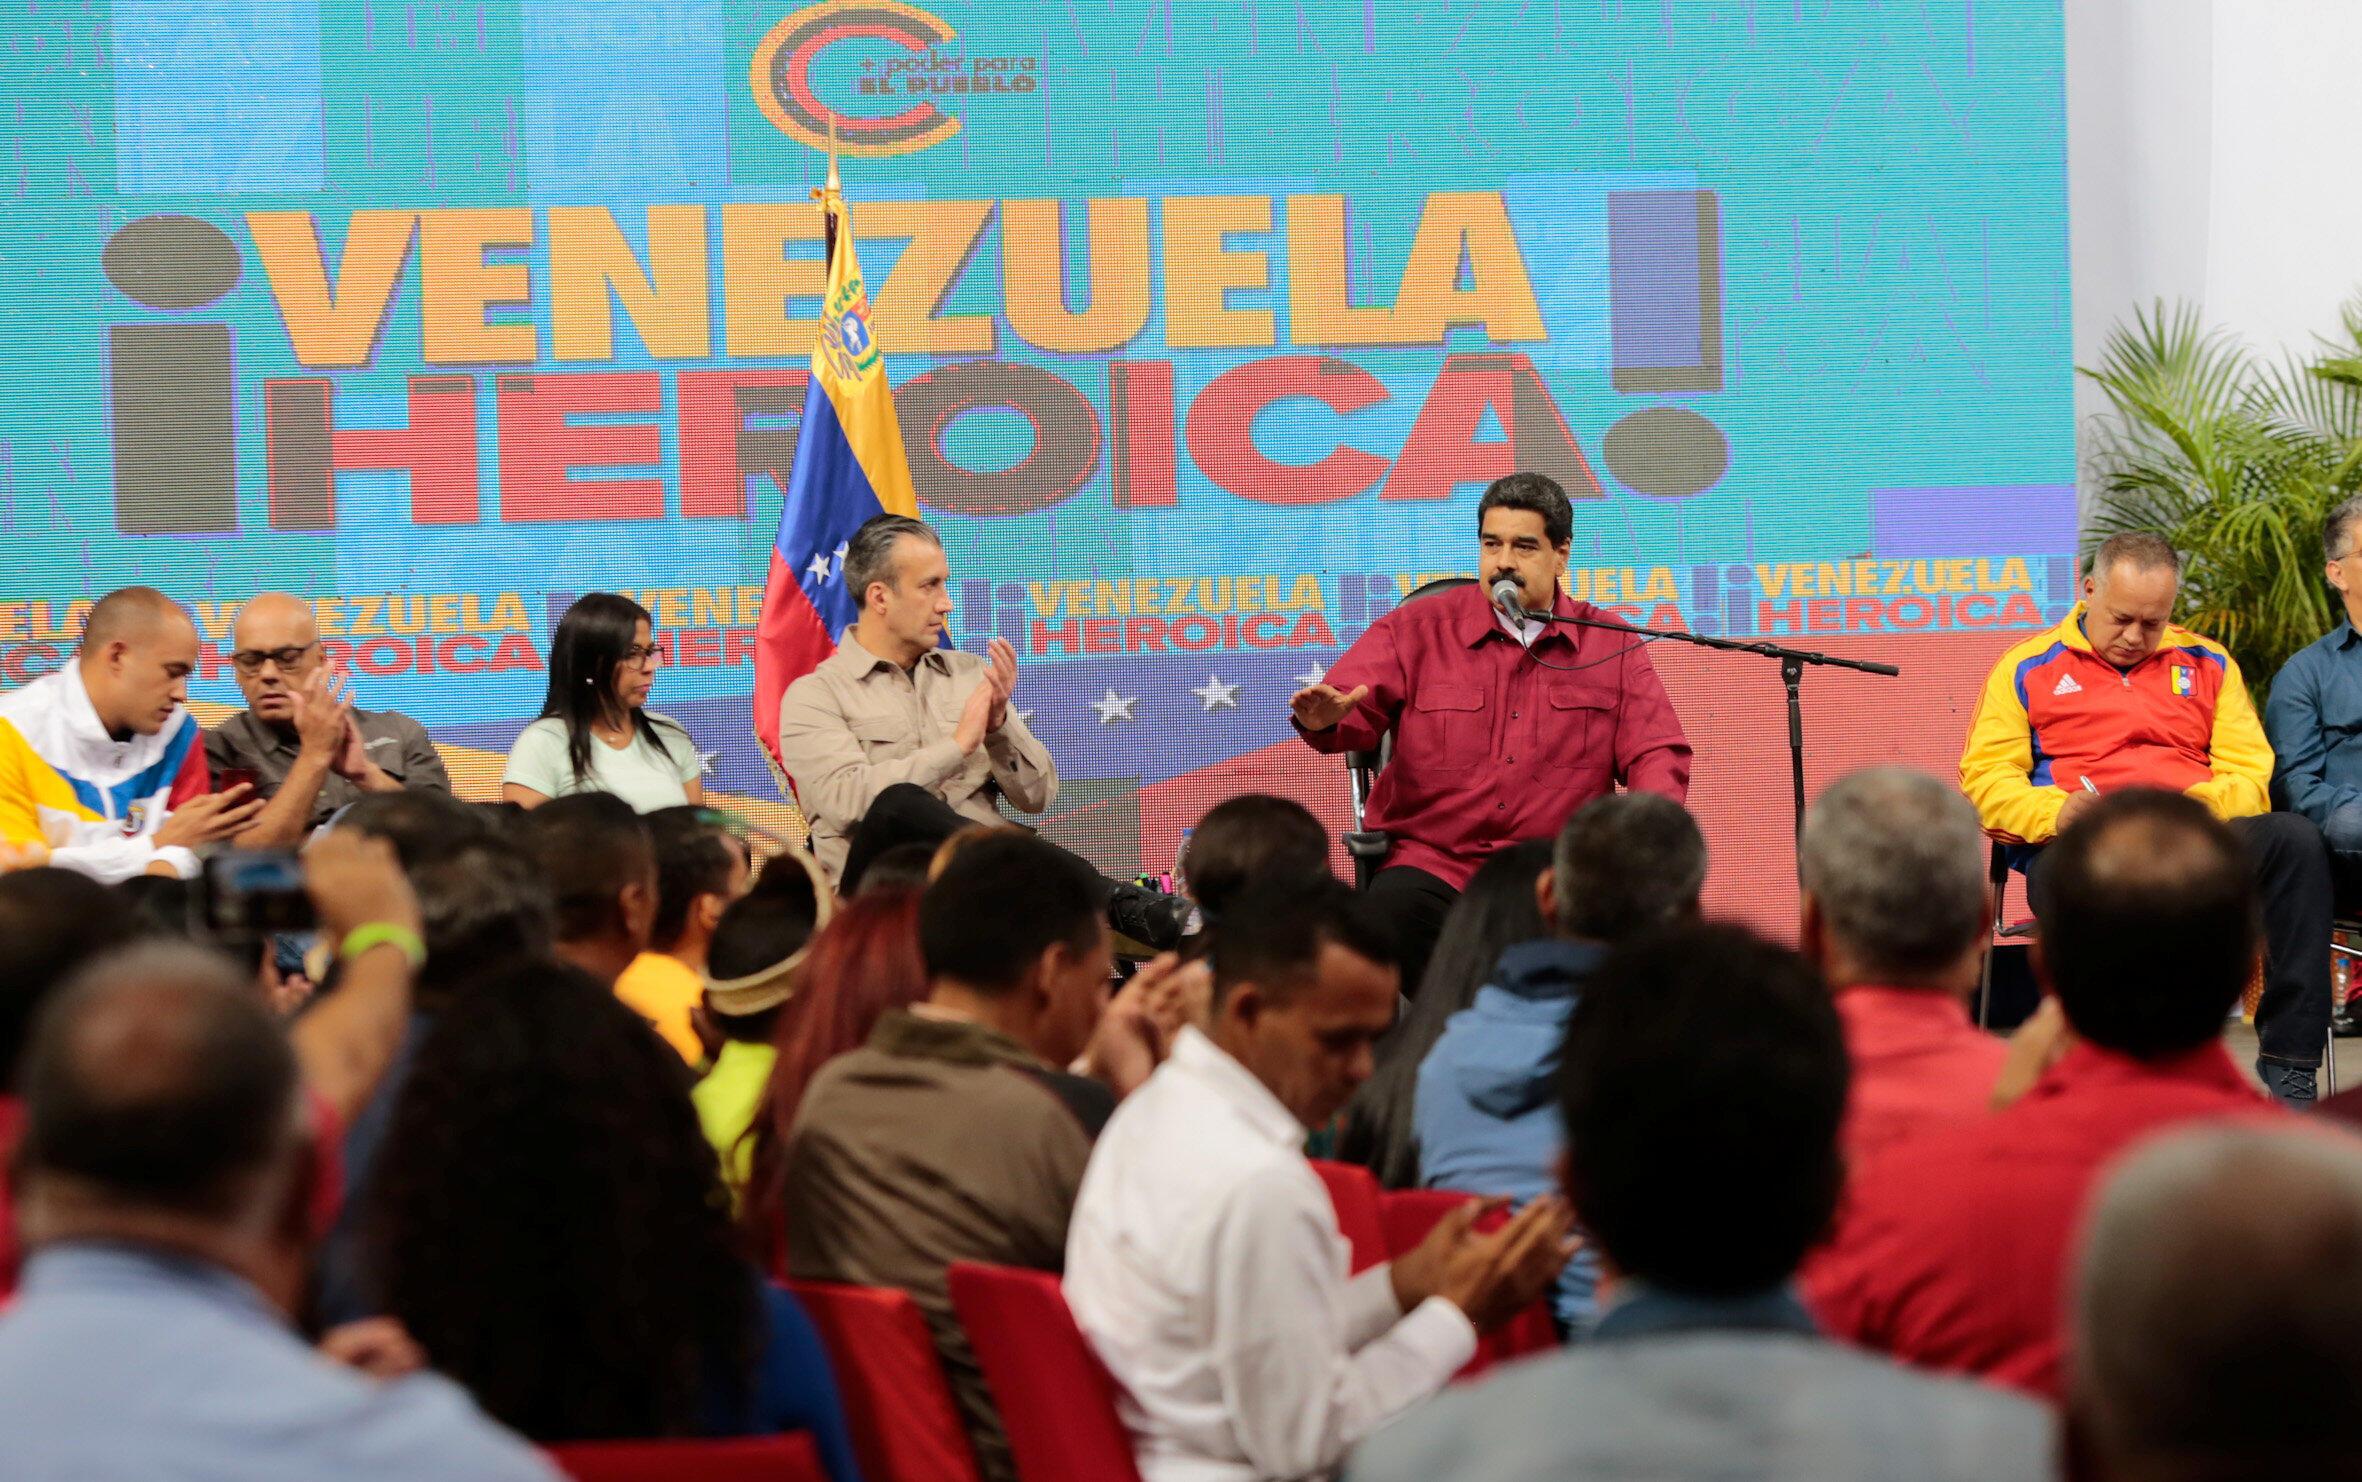 Nicolás Maduro con miembros de la Asamblea Constituyente en Caracas, Venezuela, este 2 de agosto de 2017.